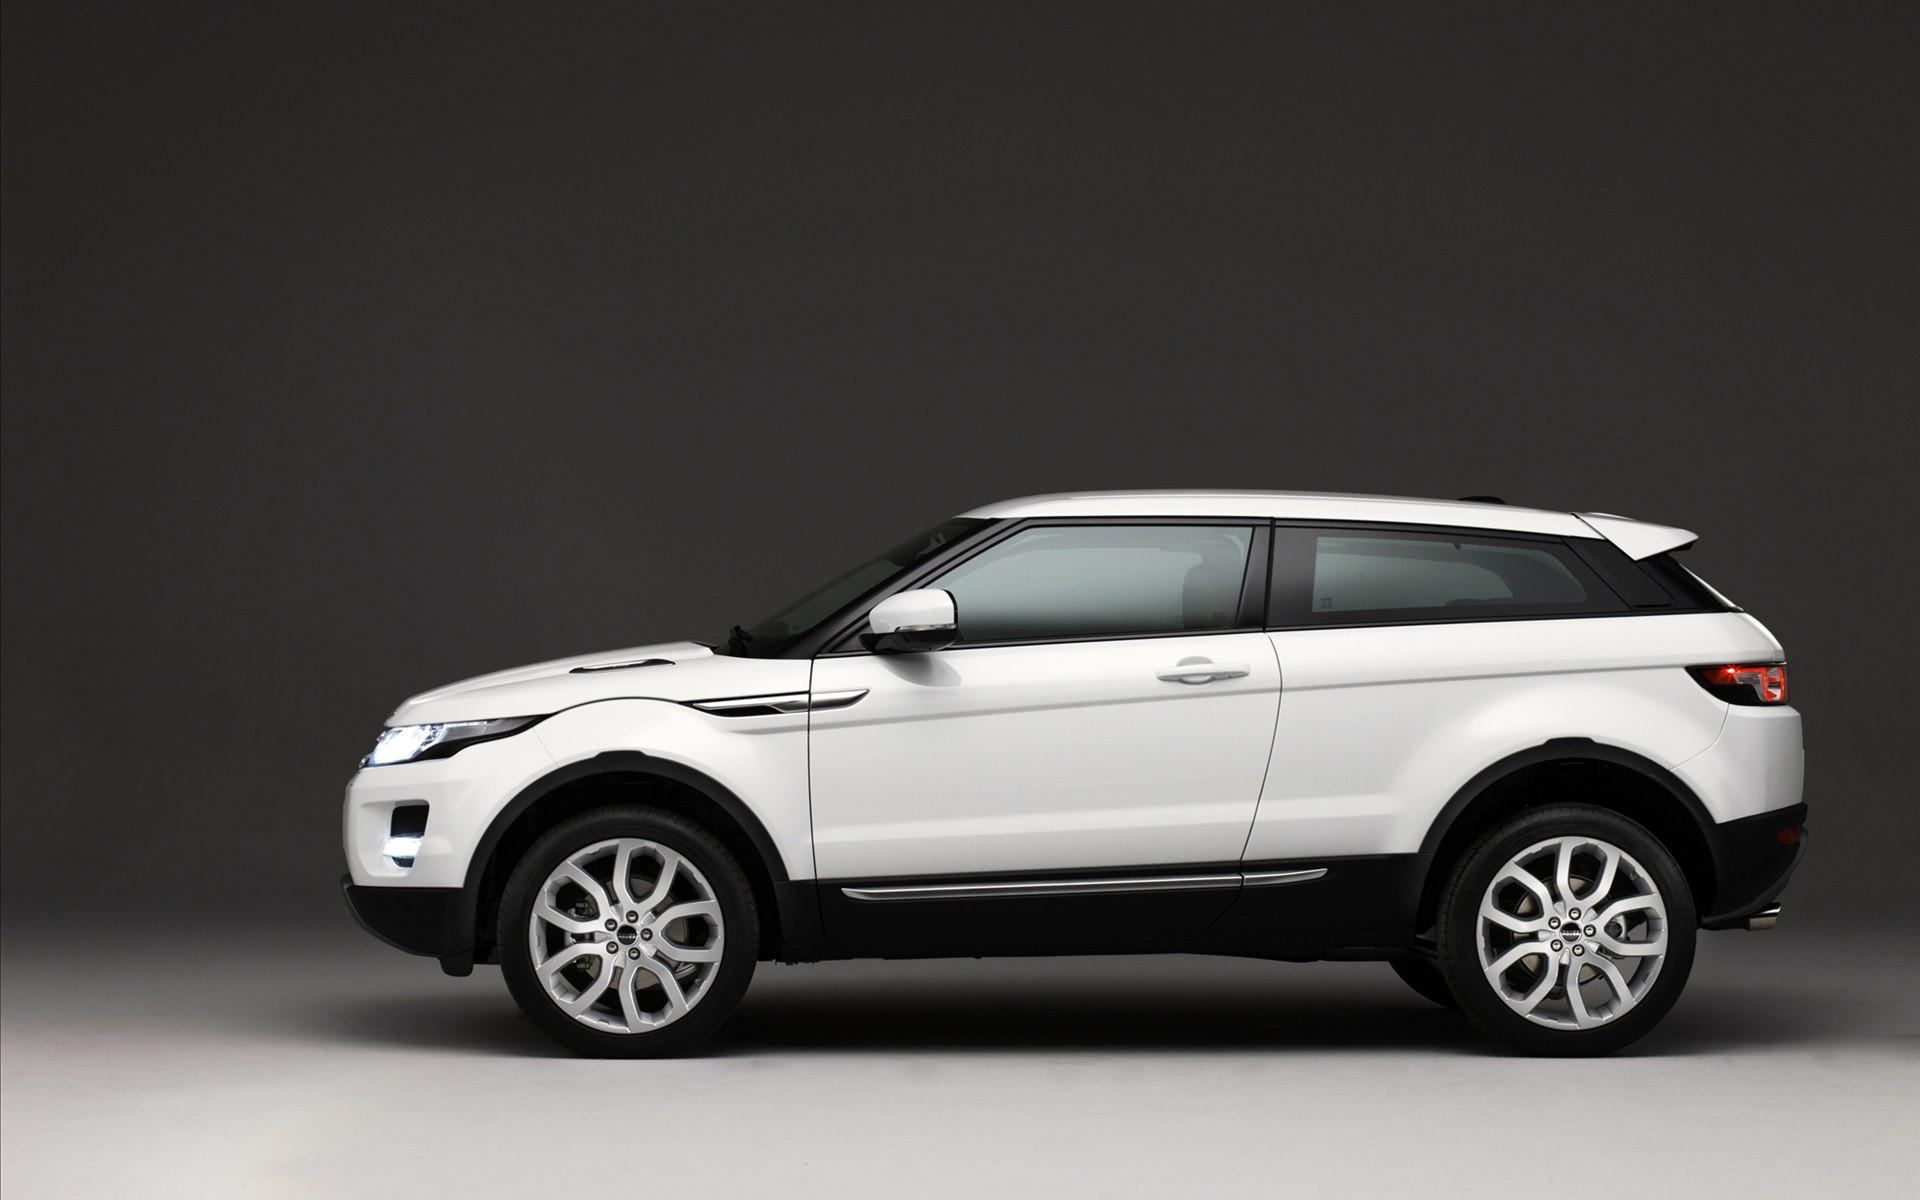 Land-Rover-Range-Rover-Evoque-2011-007